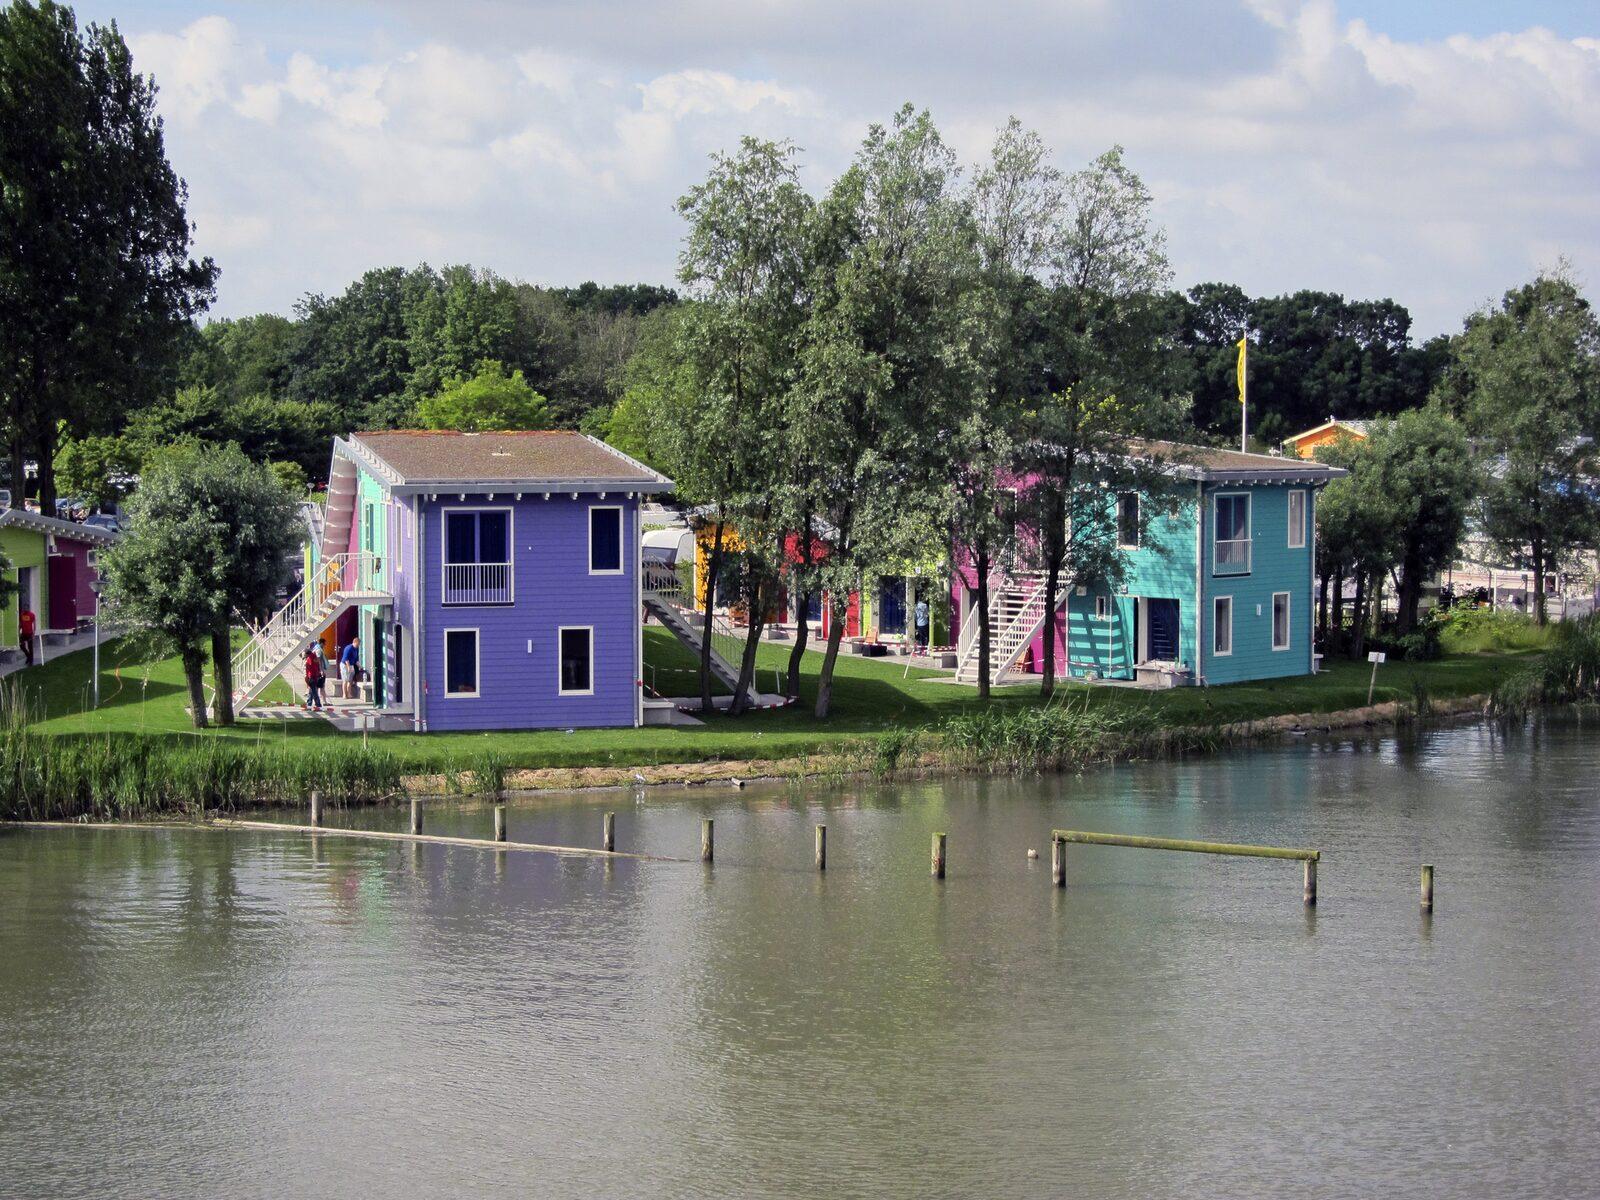 Ein Eco-Cabin für 2 Personen und ein Eco-Cabin für 4 Personen übereinander am Wasser